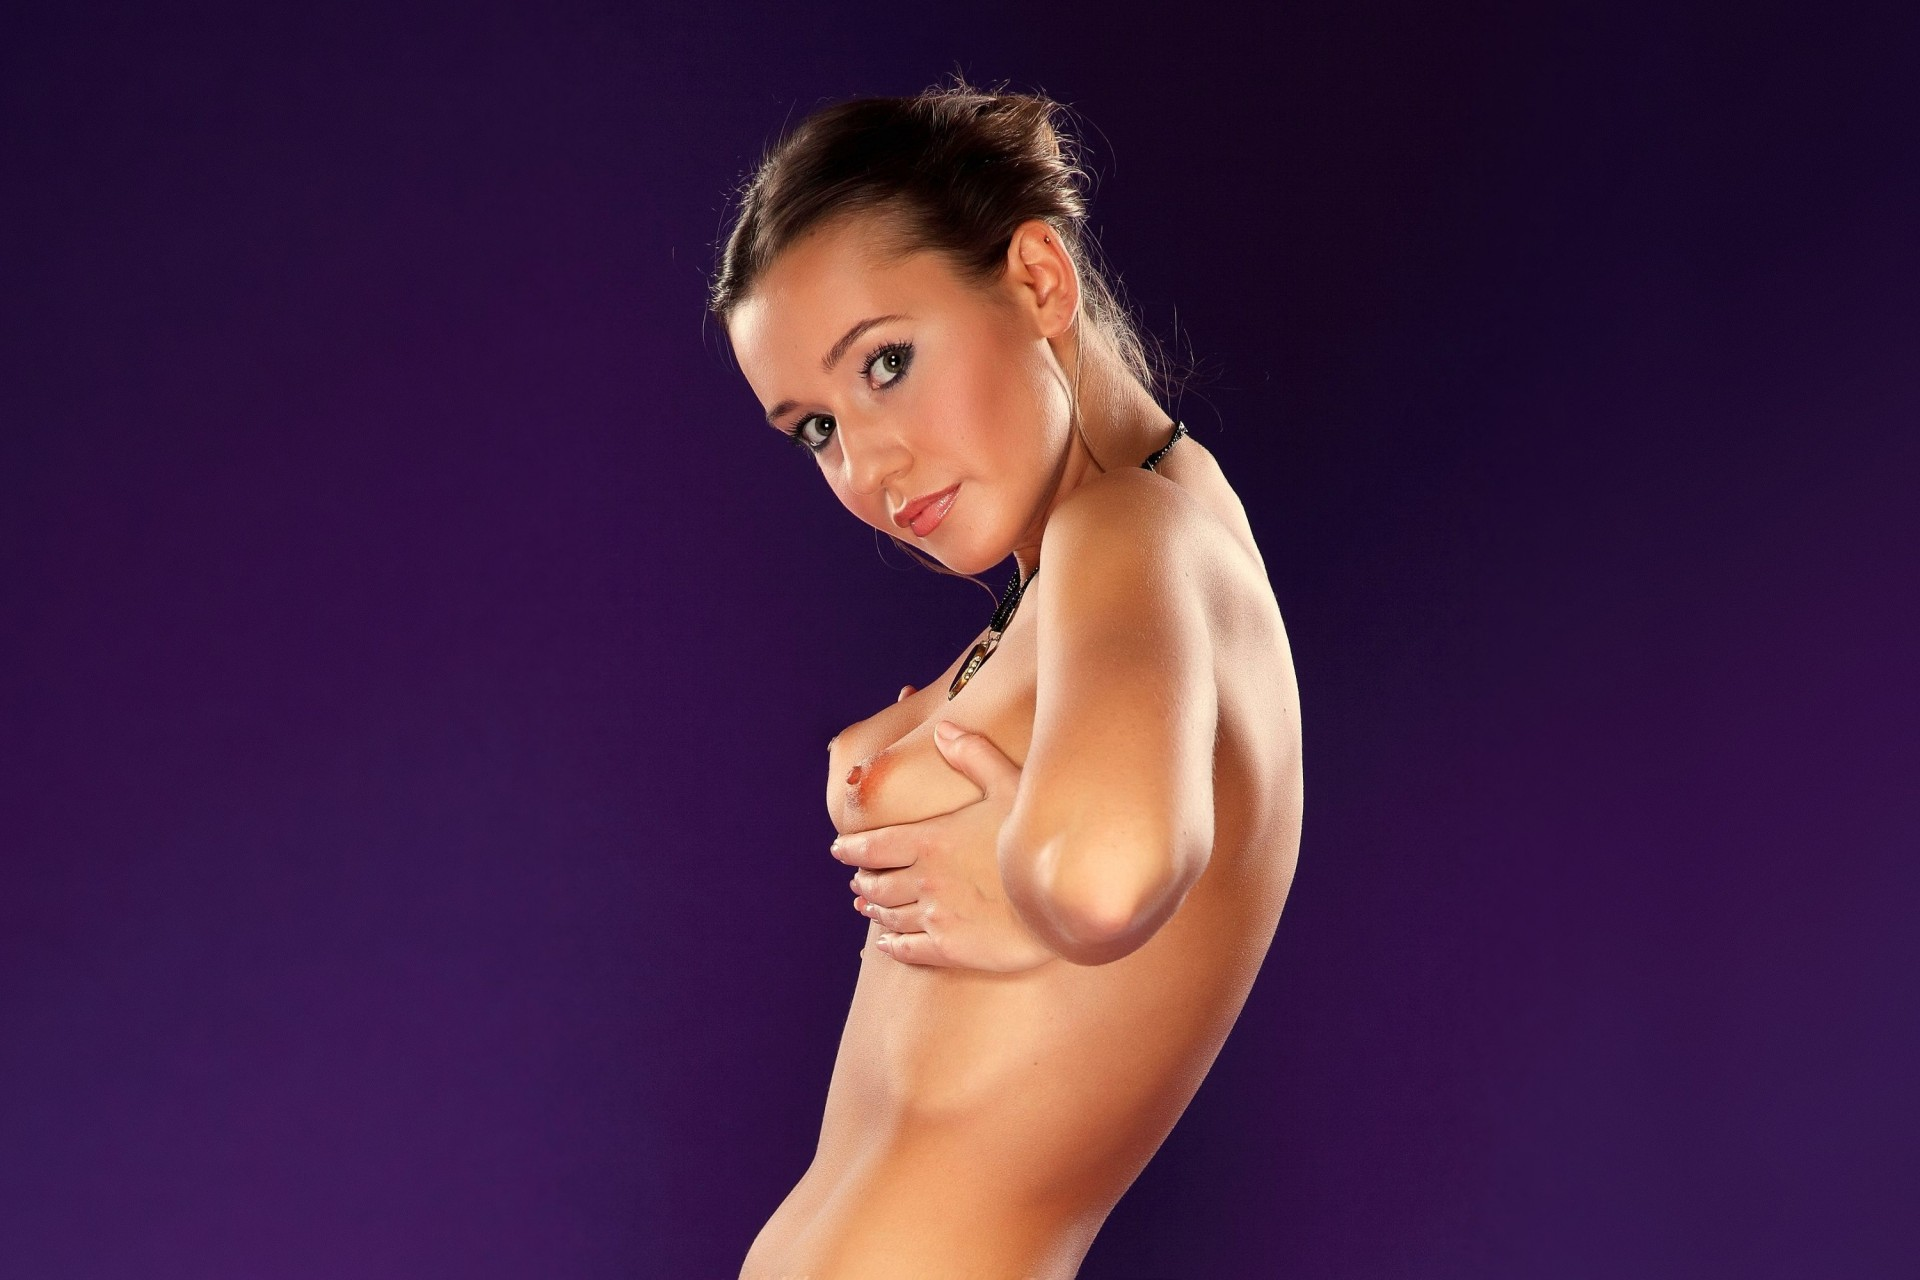 Стройная девушка с большими сосками, Молодая худая девушка с большими сиськами 25 фотография